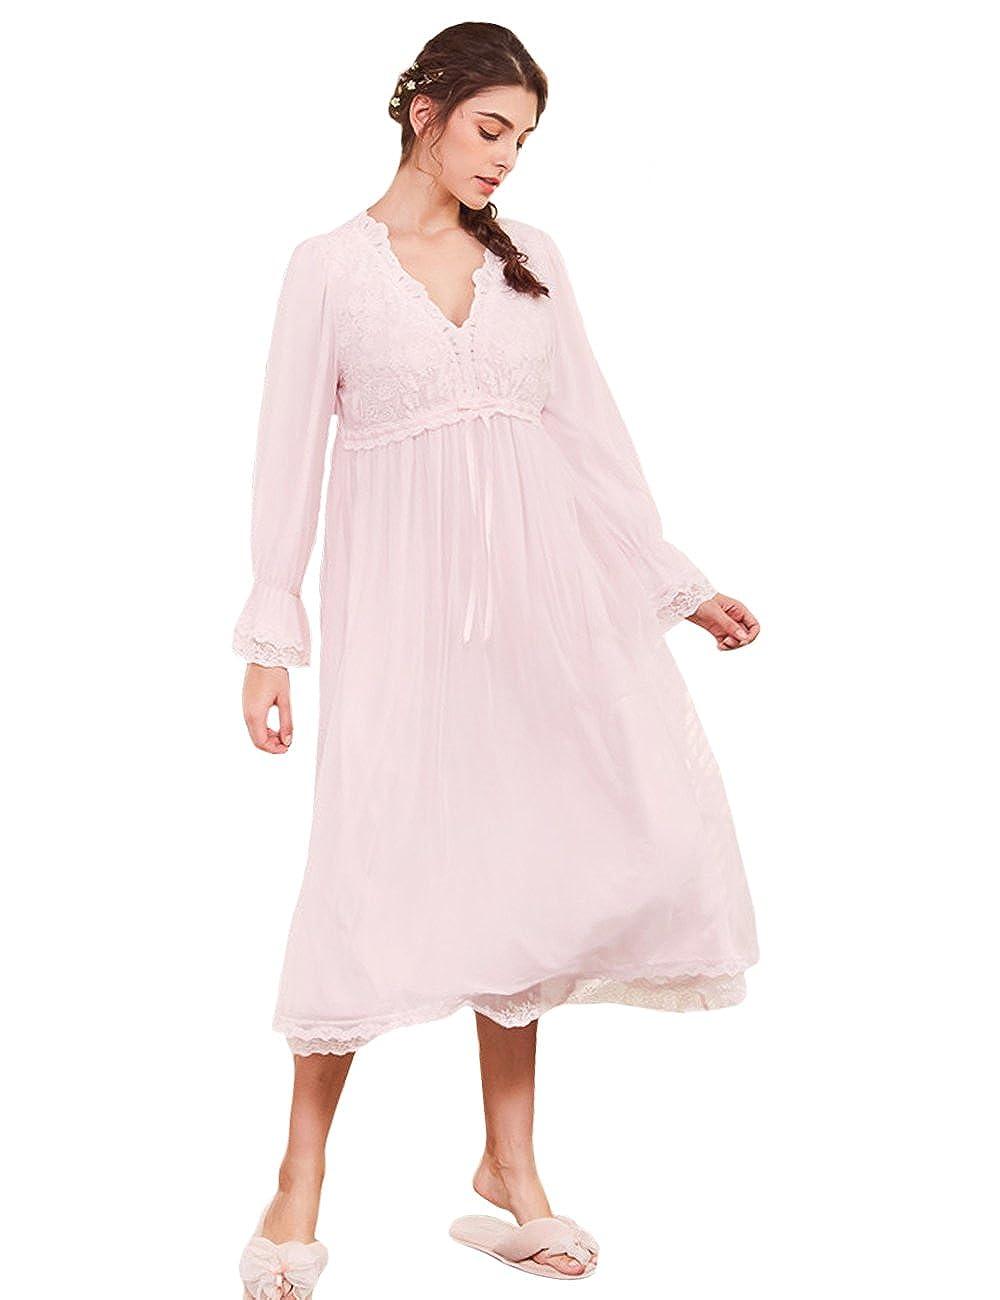 AIKOSHA Womens Modal Full Length v Neck Long Flare Sleeve Lace Trim  Nightdress  Amazon.co.uk  Clothing f9b850ff4